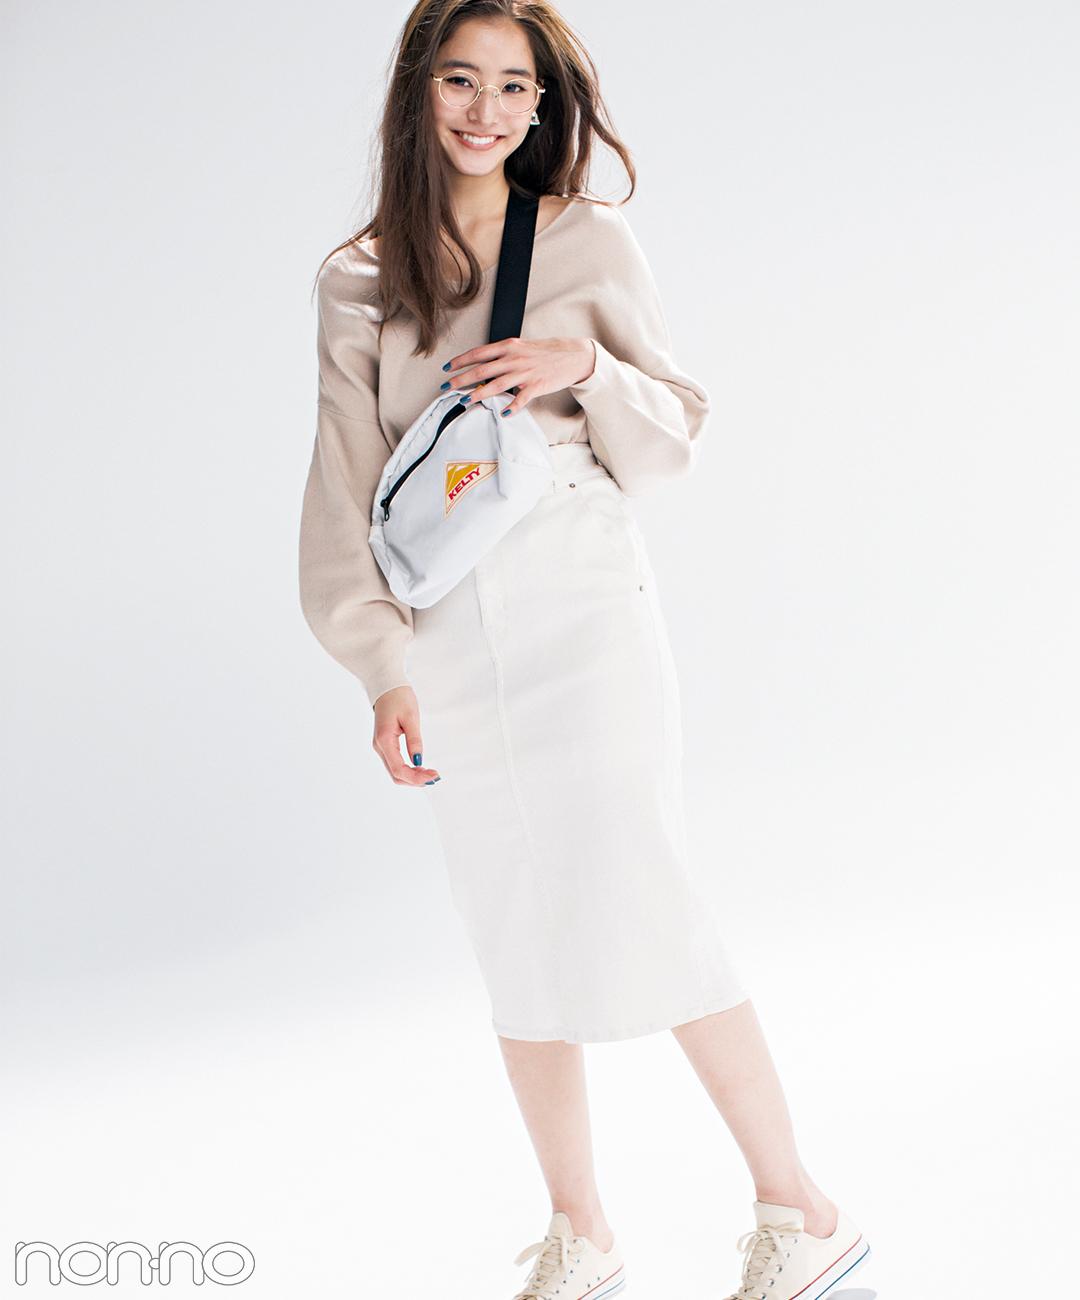 優子と七瀬がお手本♡ 女子が永遠好きな配色★白っぽワントーン2018春の4選_1_3-2